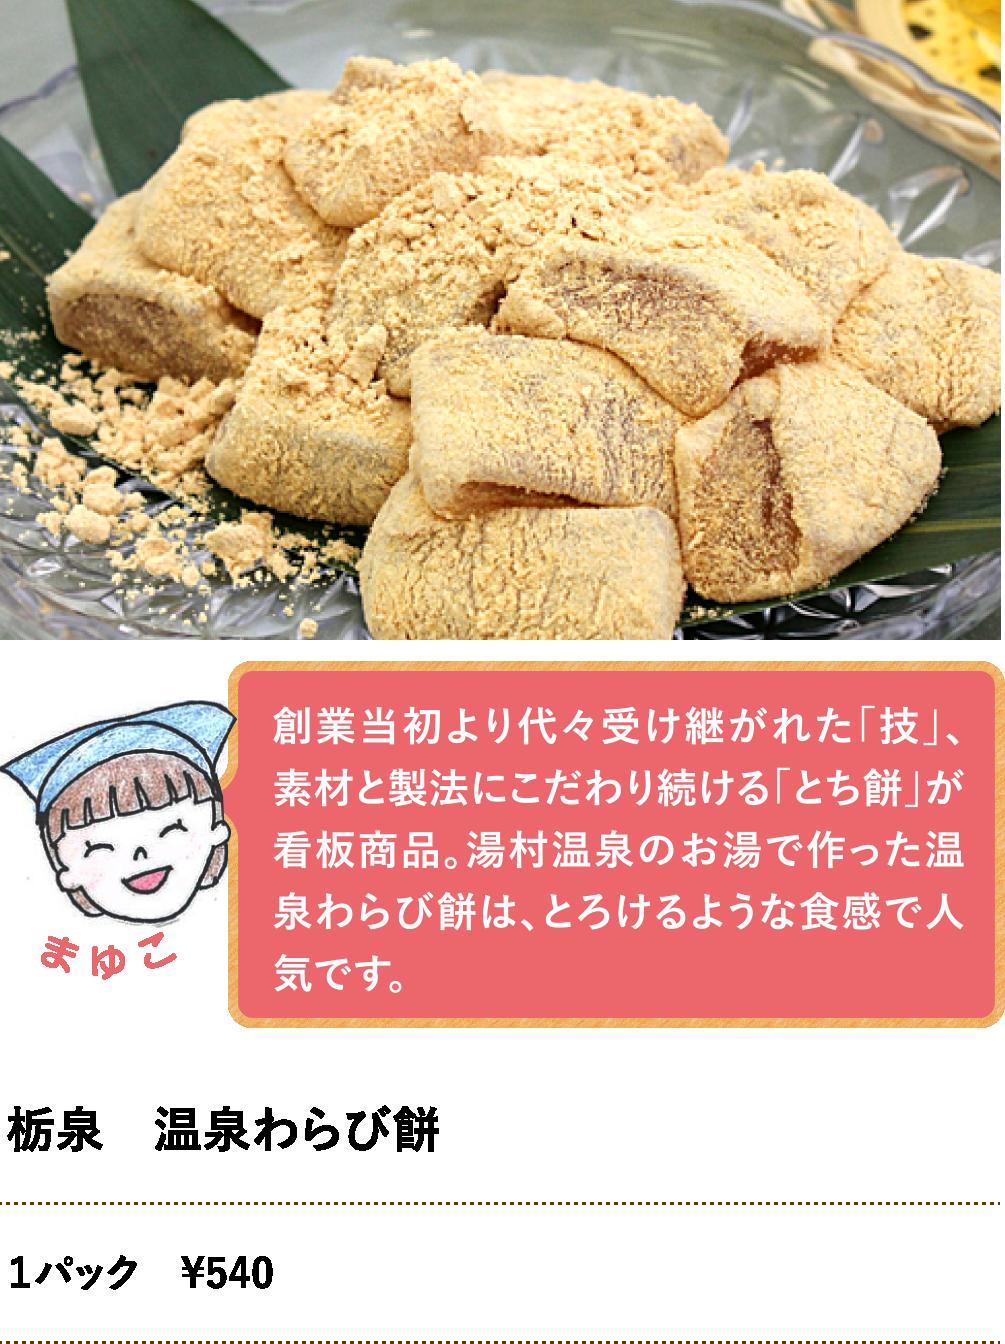 栃泉 温泉わらび餅